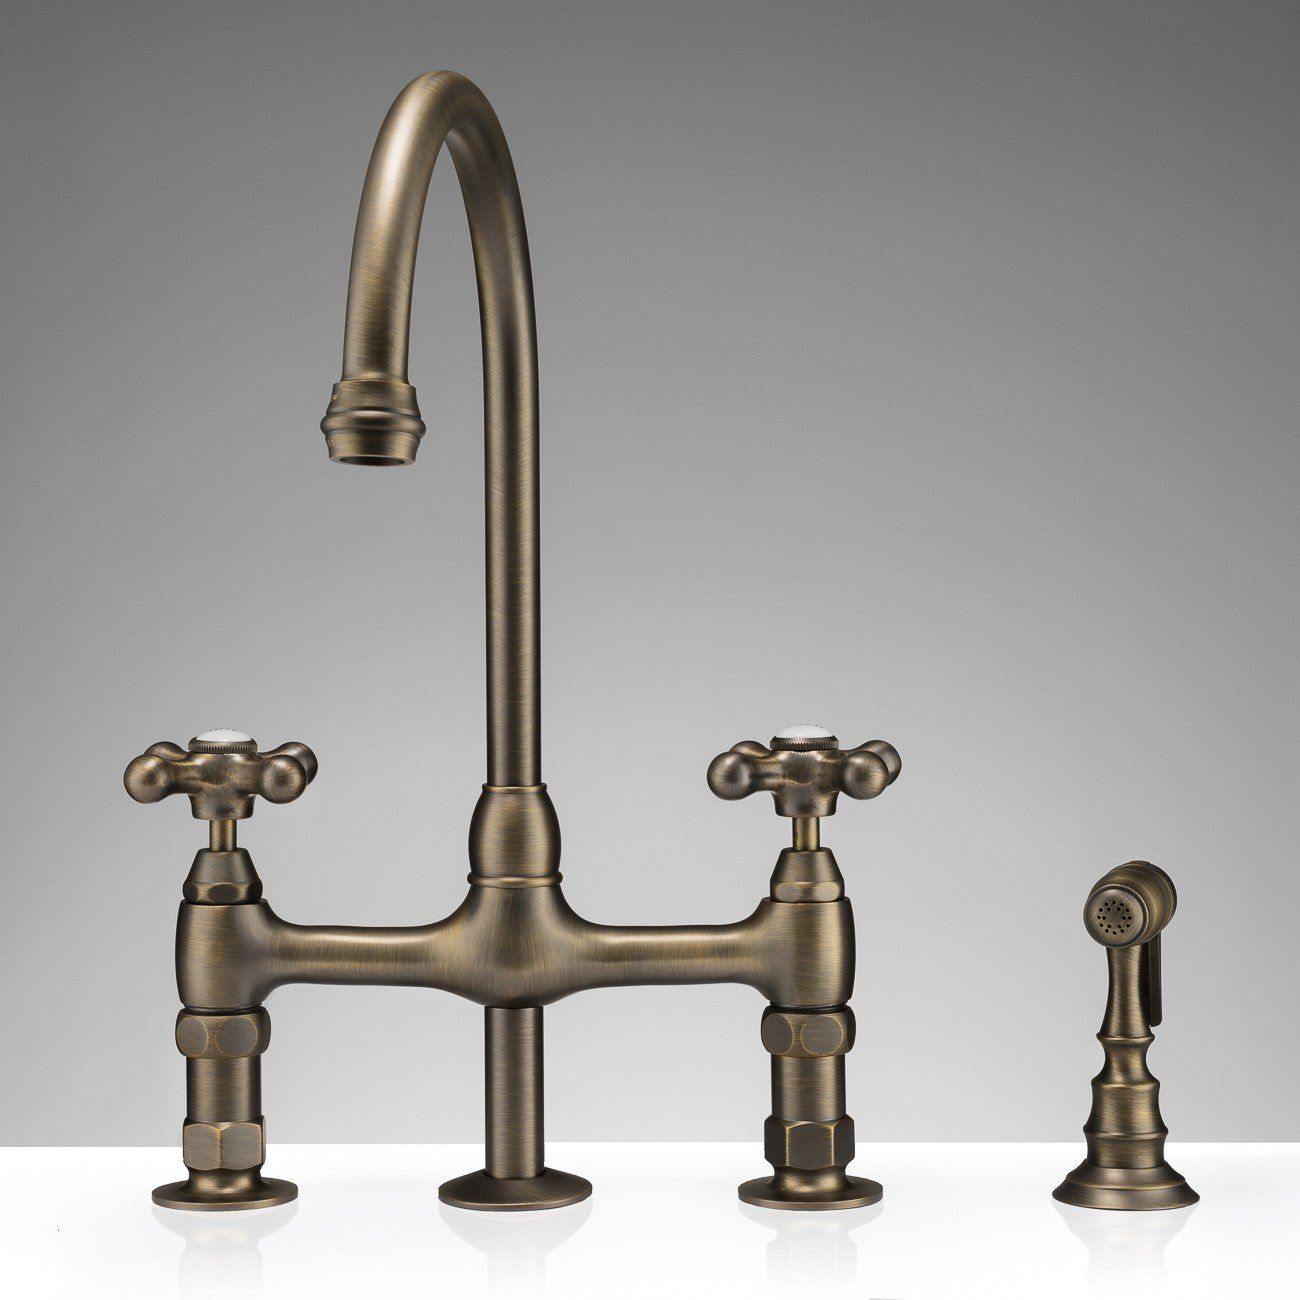 45++ Rustic kitchen faucet ideas